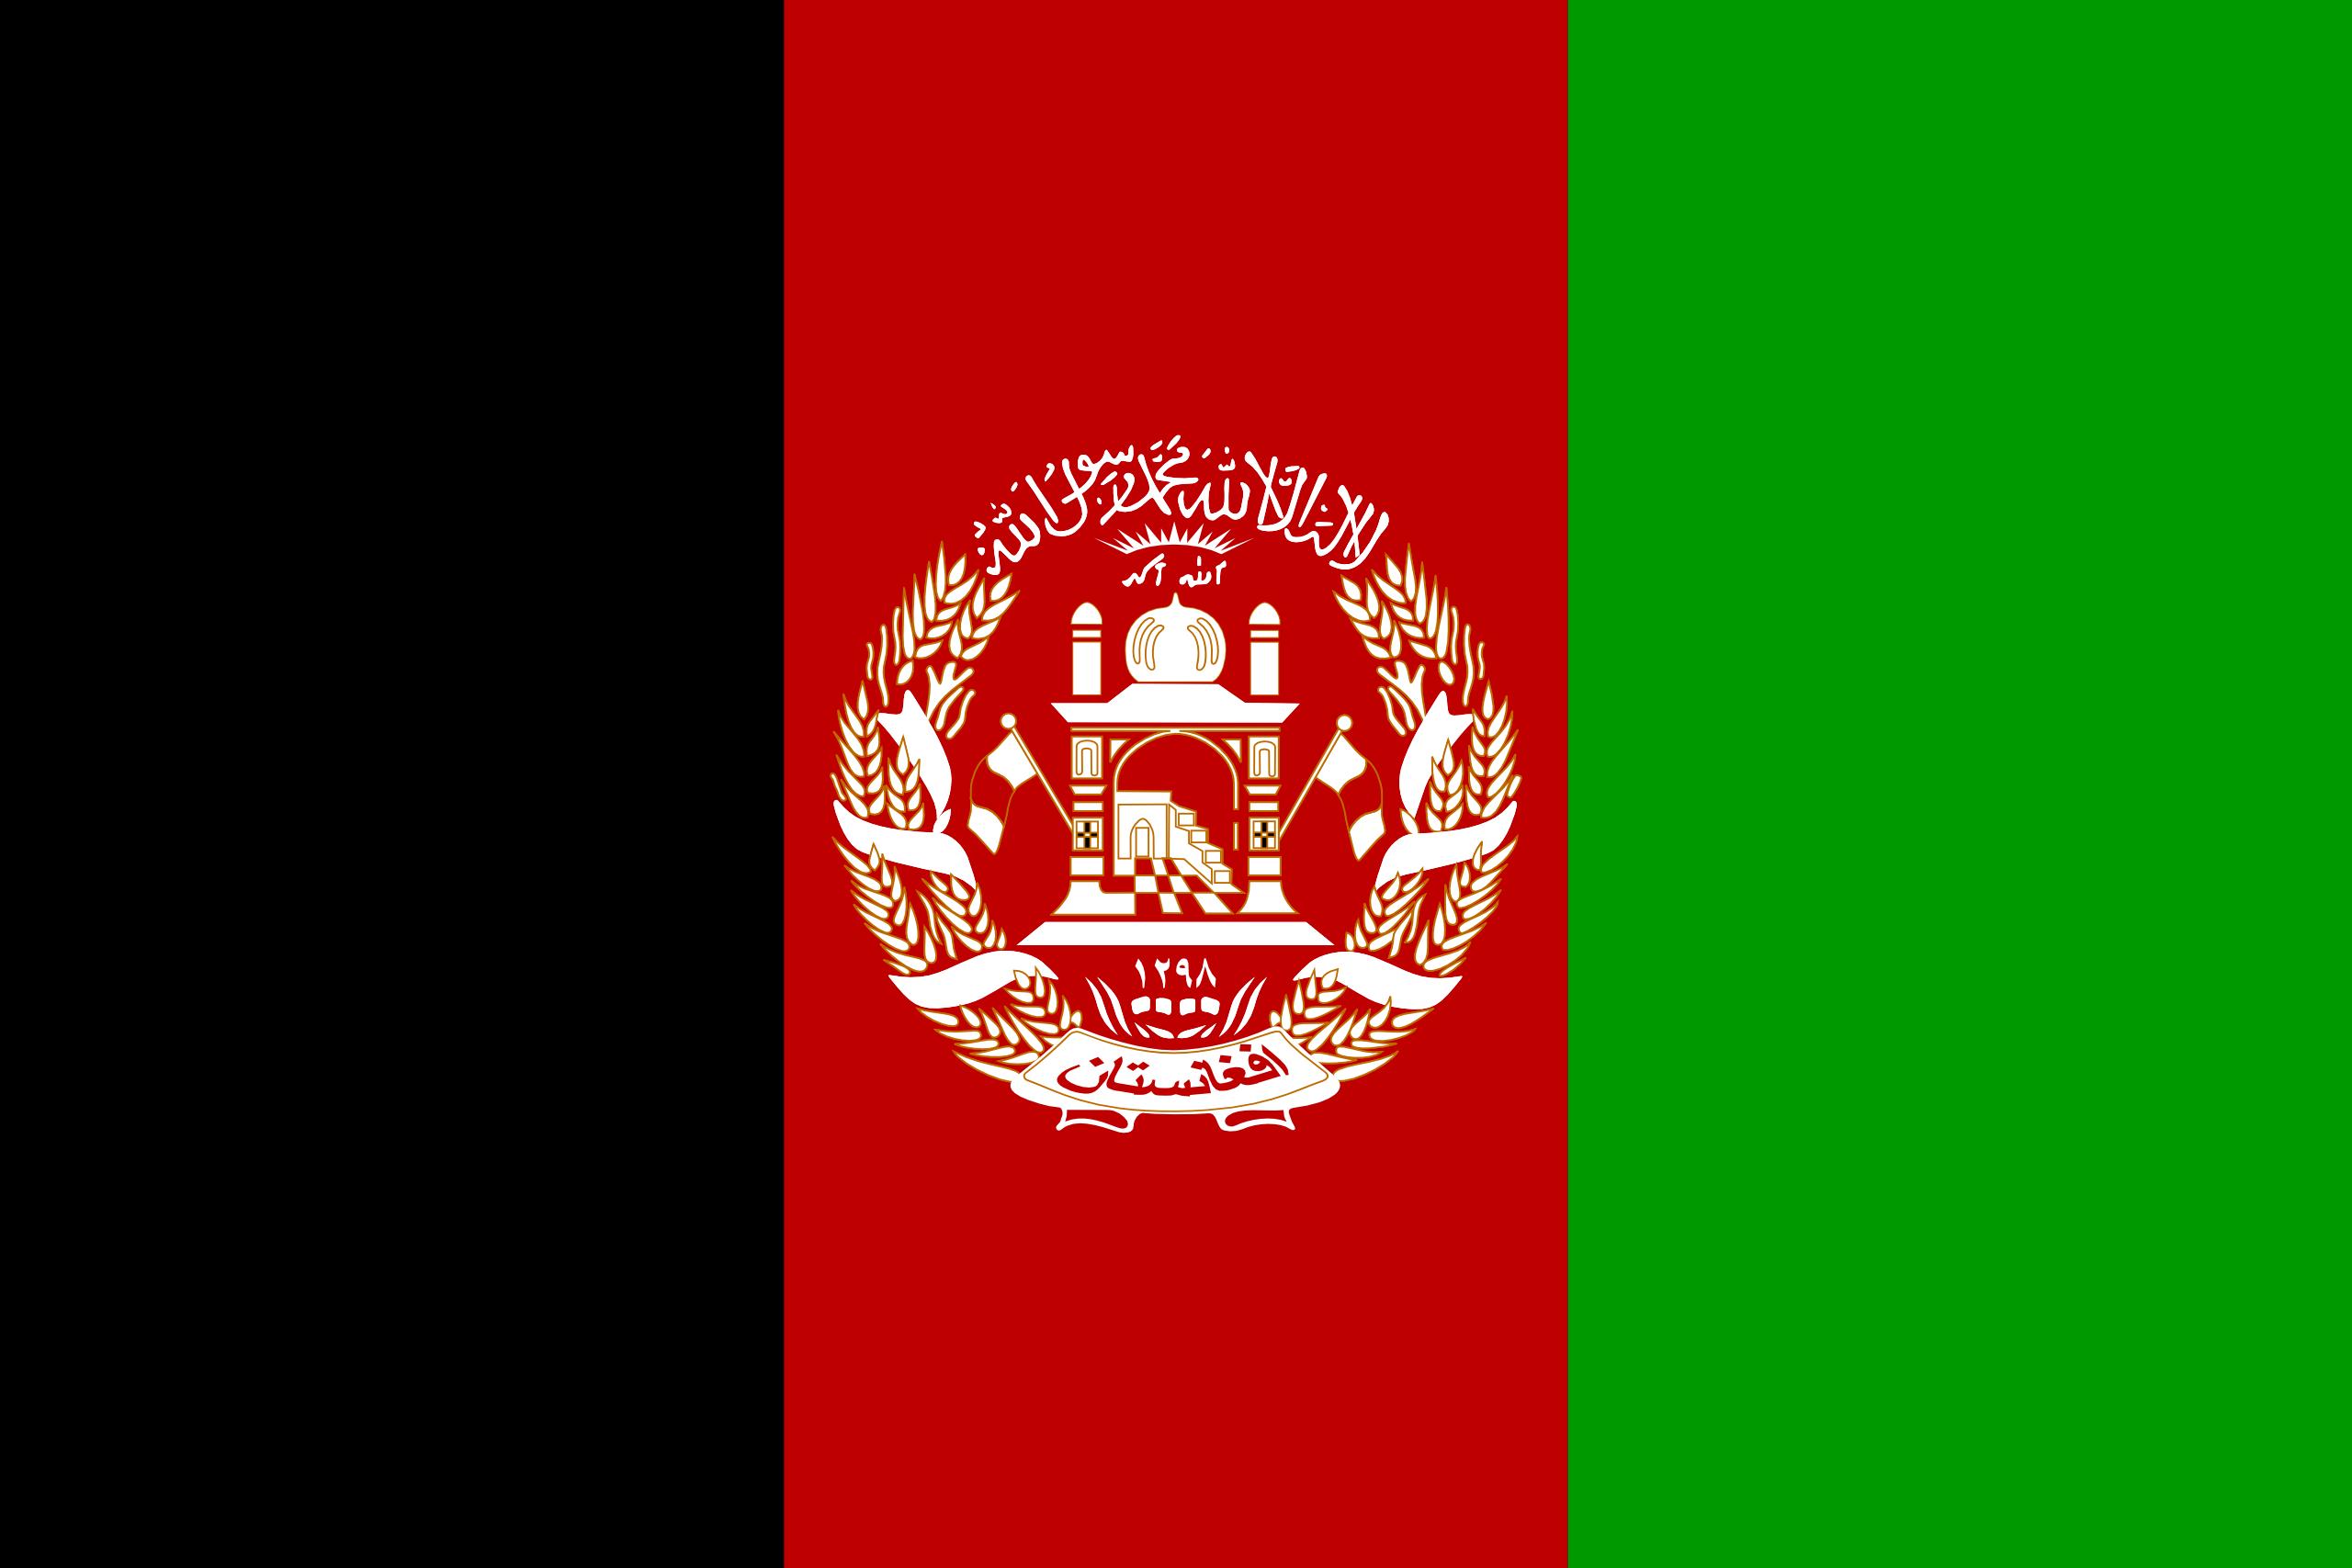 afganistan, país, Brasão de armas, logotipo, símbolo - Papéis de parede HD - Professor-falken.com